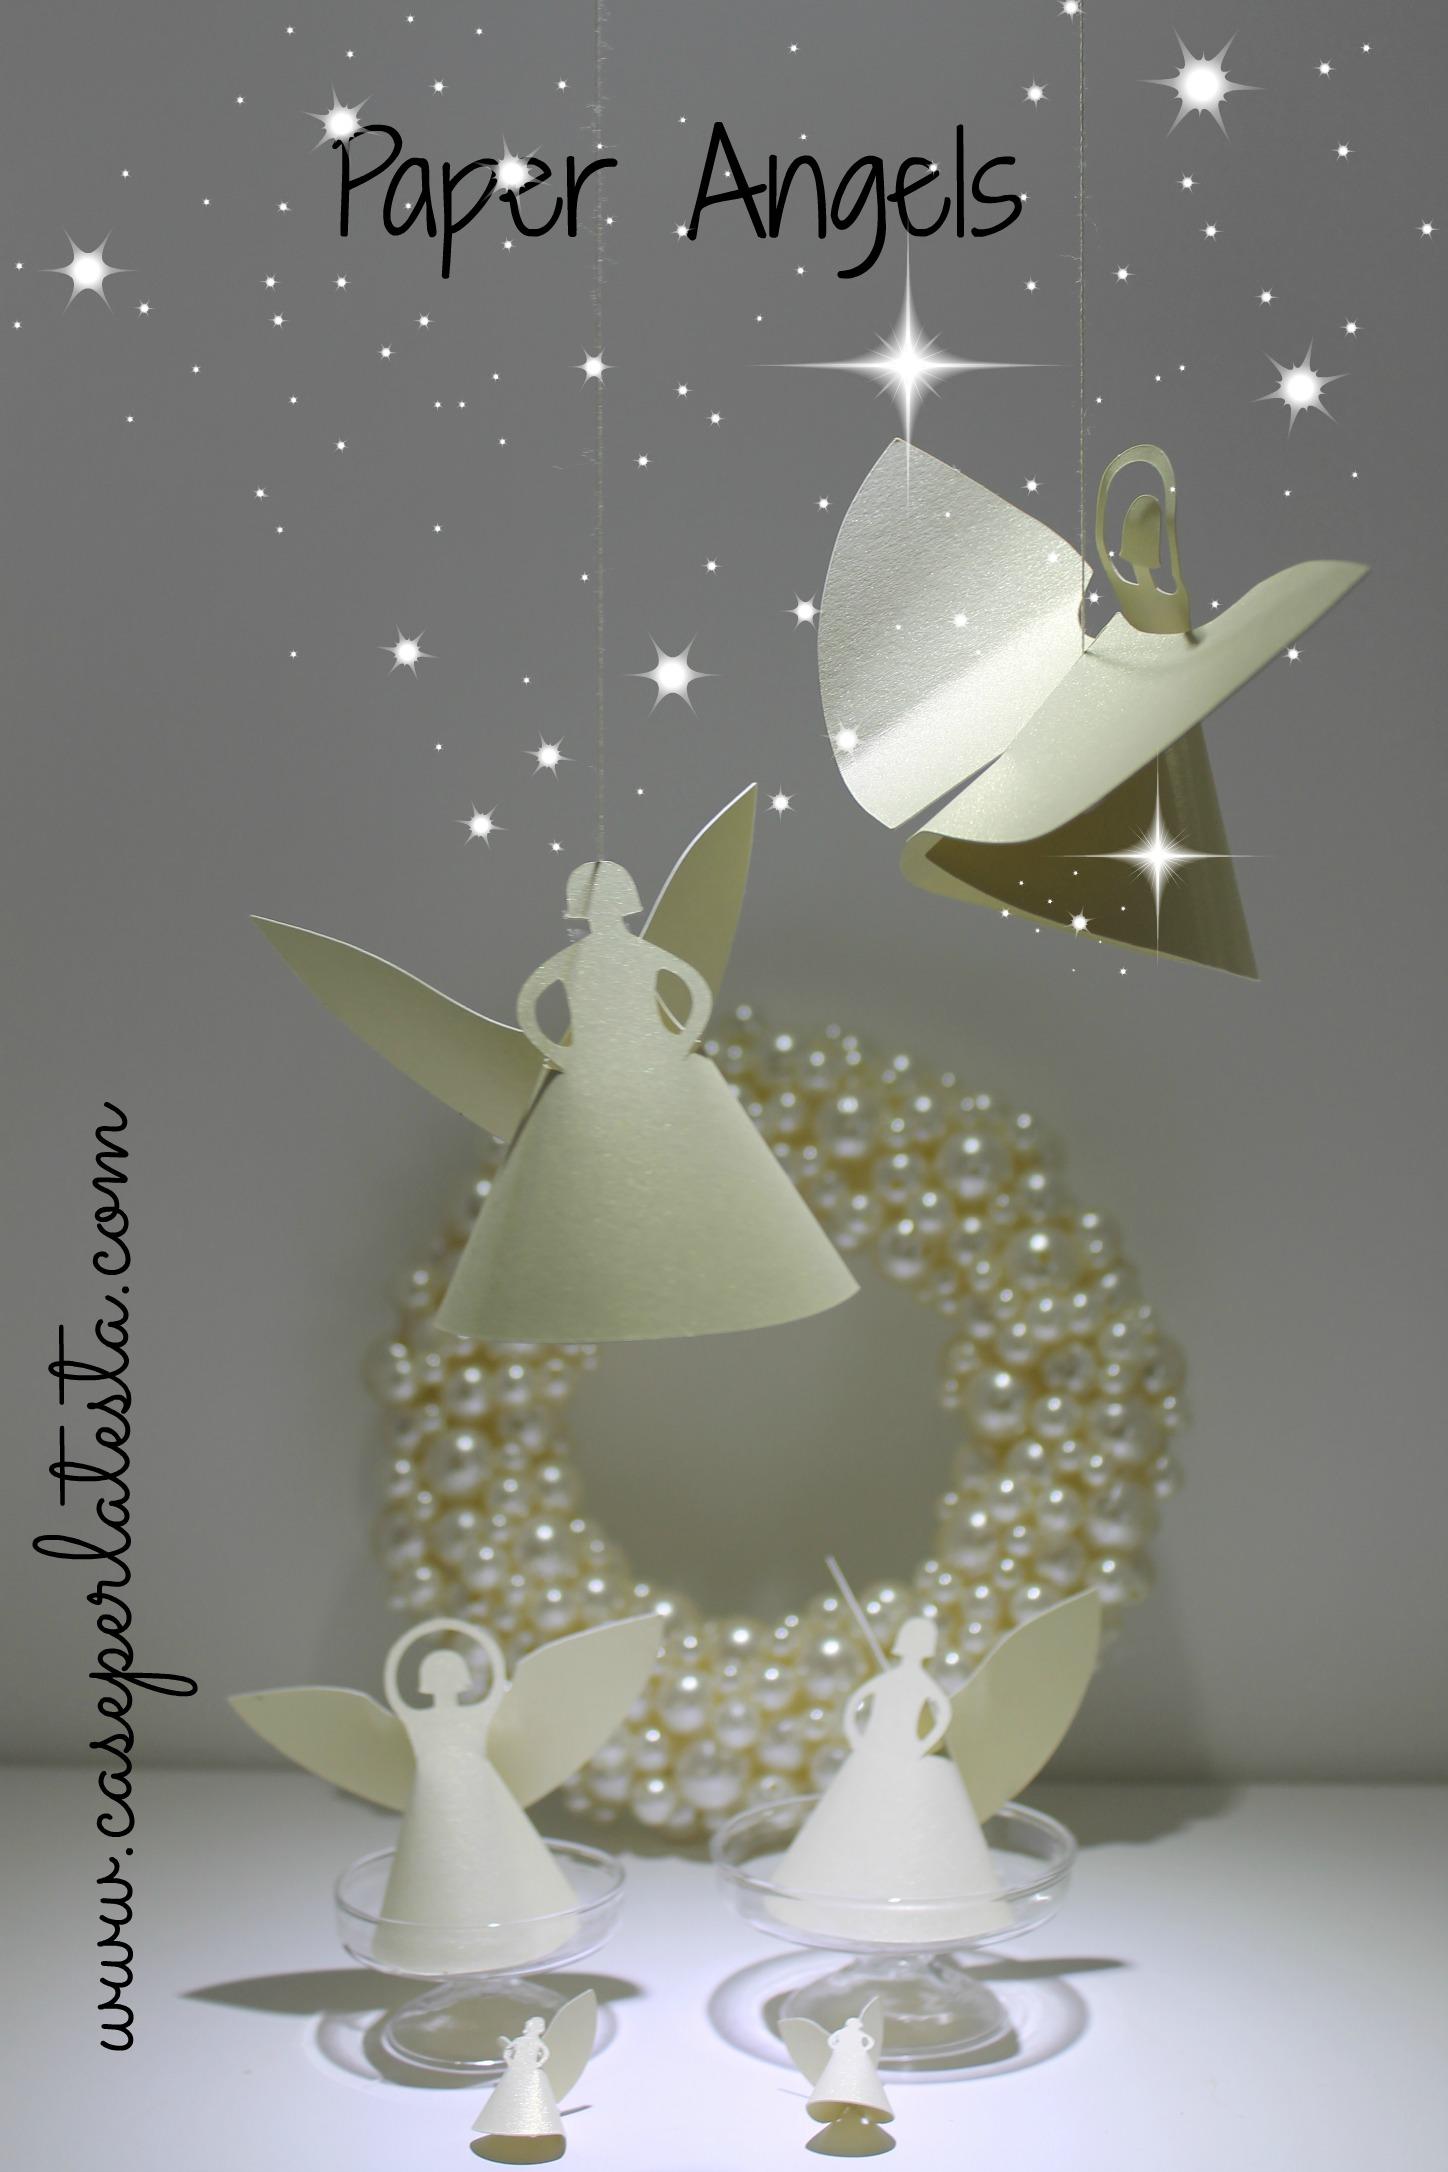 Angeli di carta fai da te diy paper angels caseperlatesta for Angioletti di carta da appendere